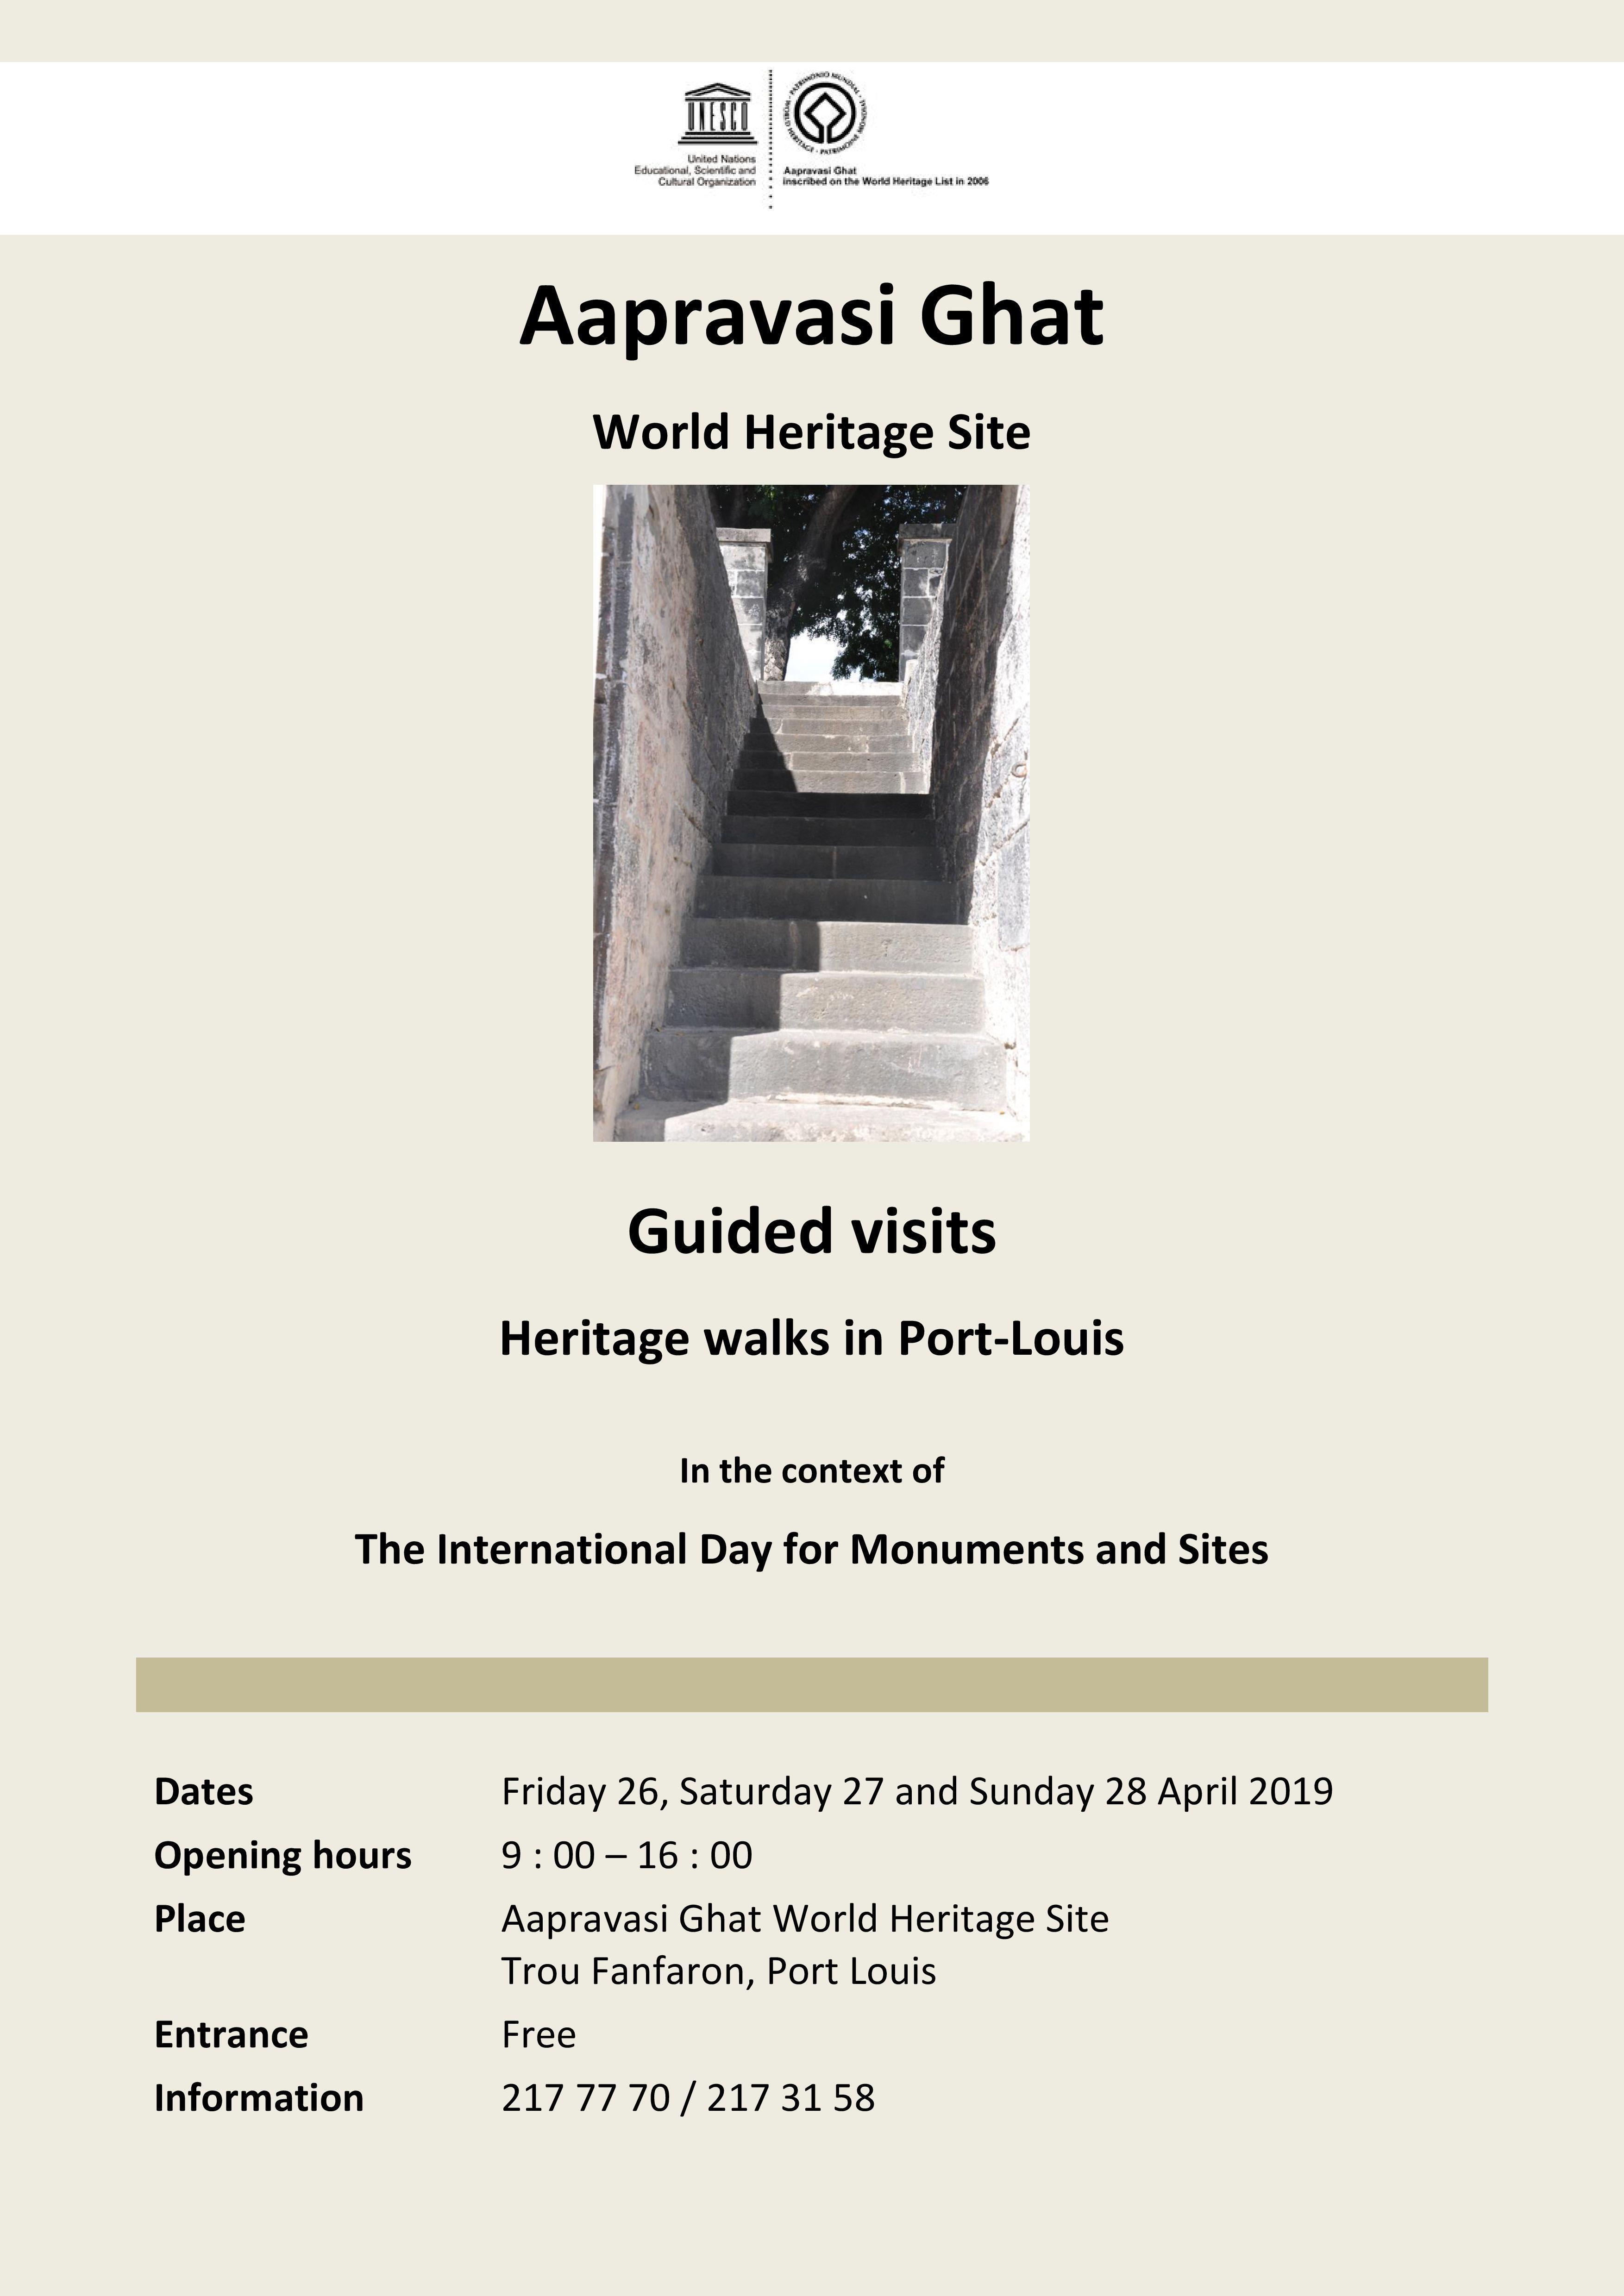 Journée internationale des monuments et des sites - 18 avril 2019